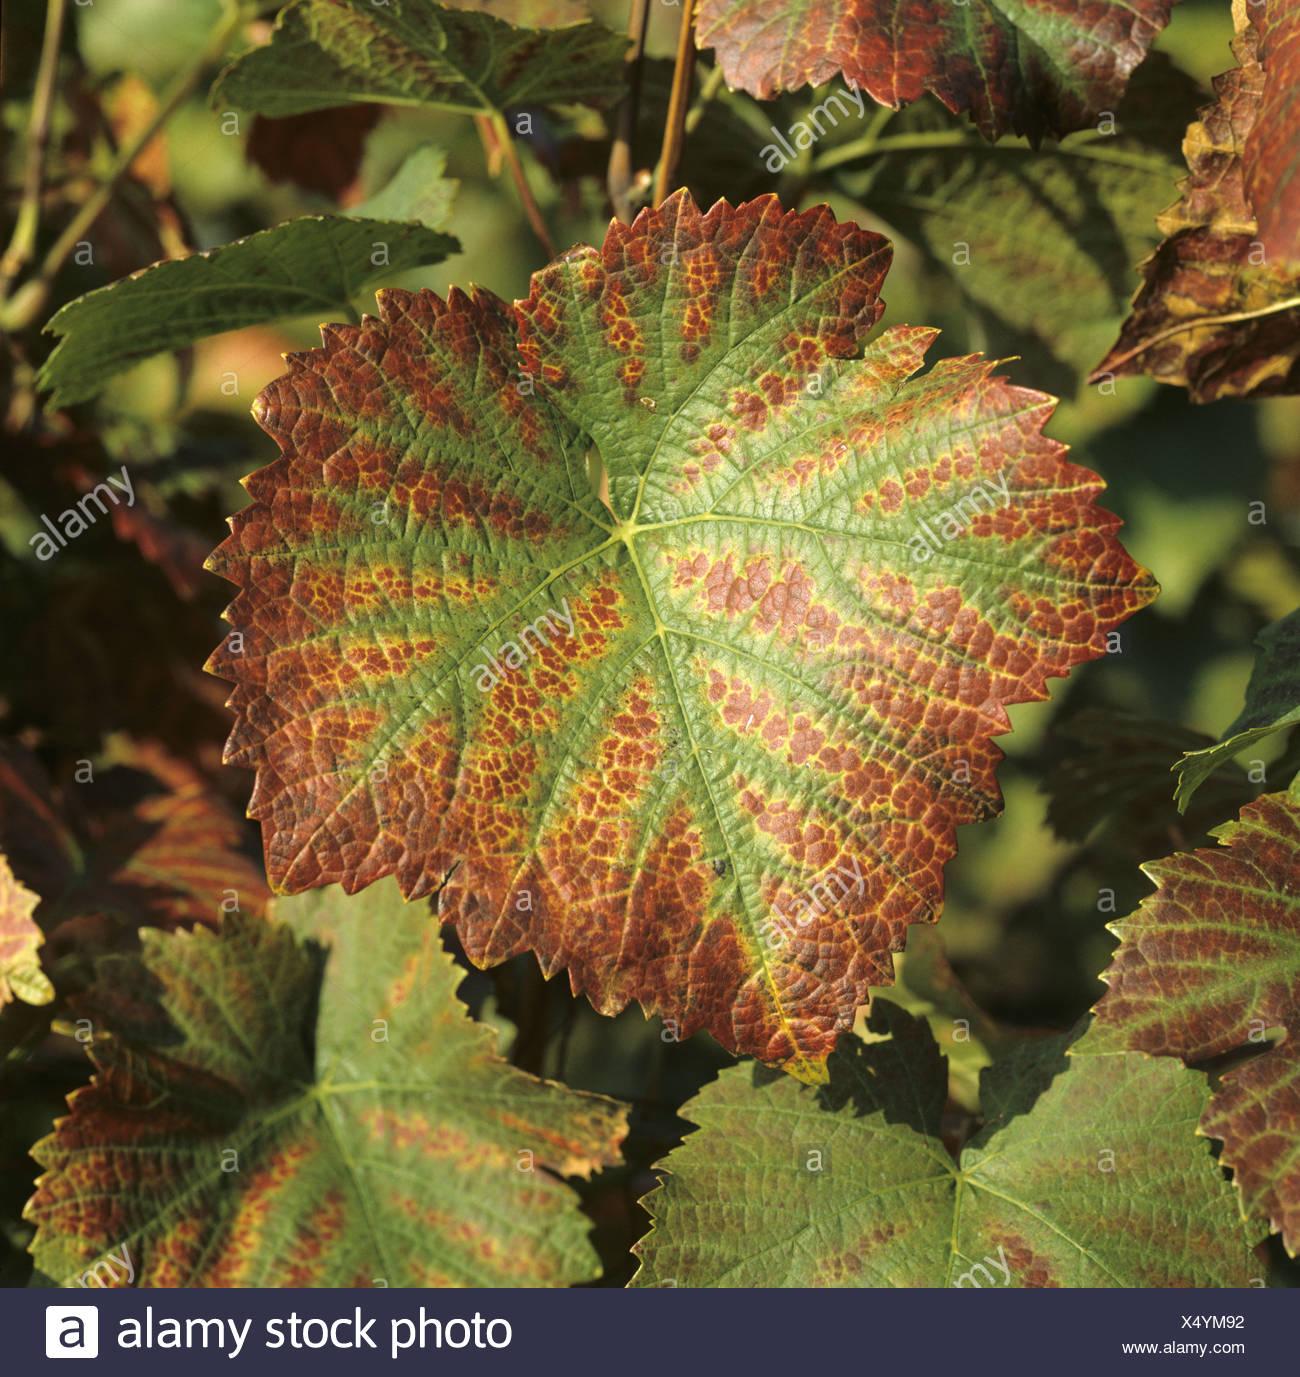 grapevine leaf stockfotos grapevine leaf bilder alamy. Black Bedroom Furniture Sets. Home Design Ideas